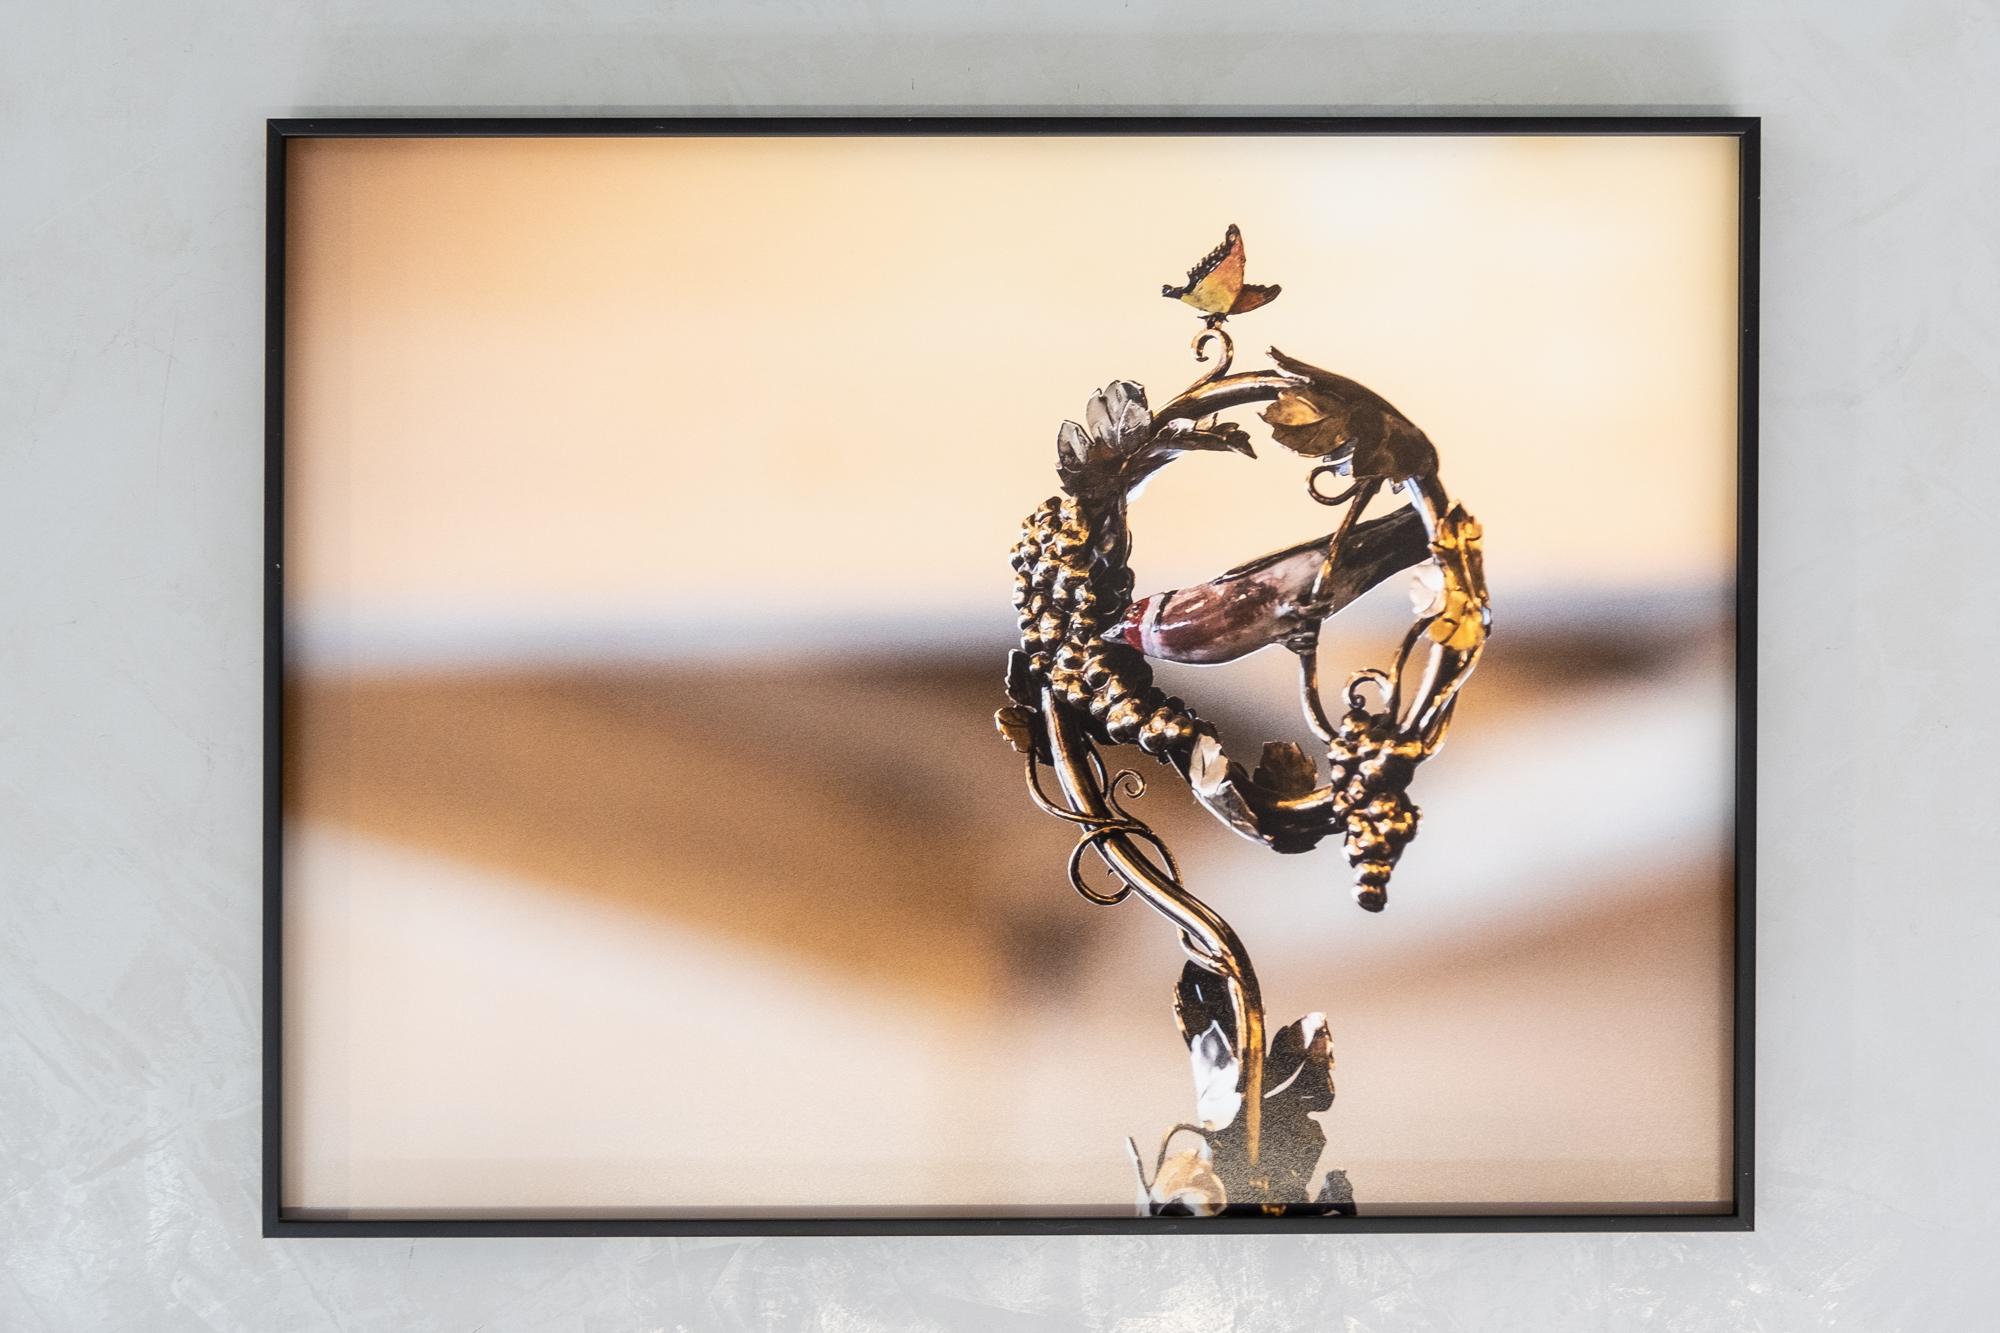 Contre collage Talbond et encadrement caisse américaine, photographies officielles de la Fête des Vignerons 2019